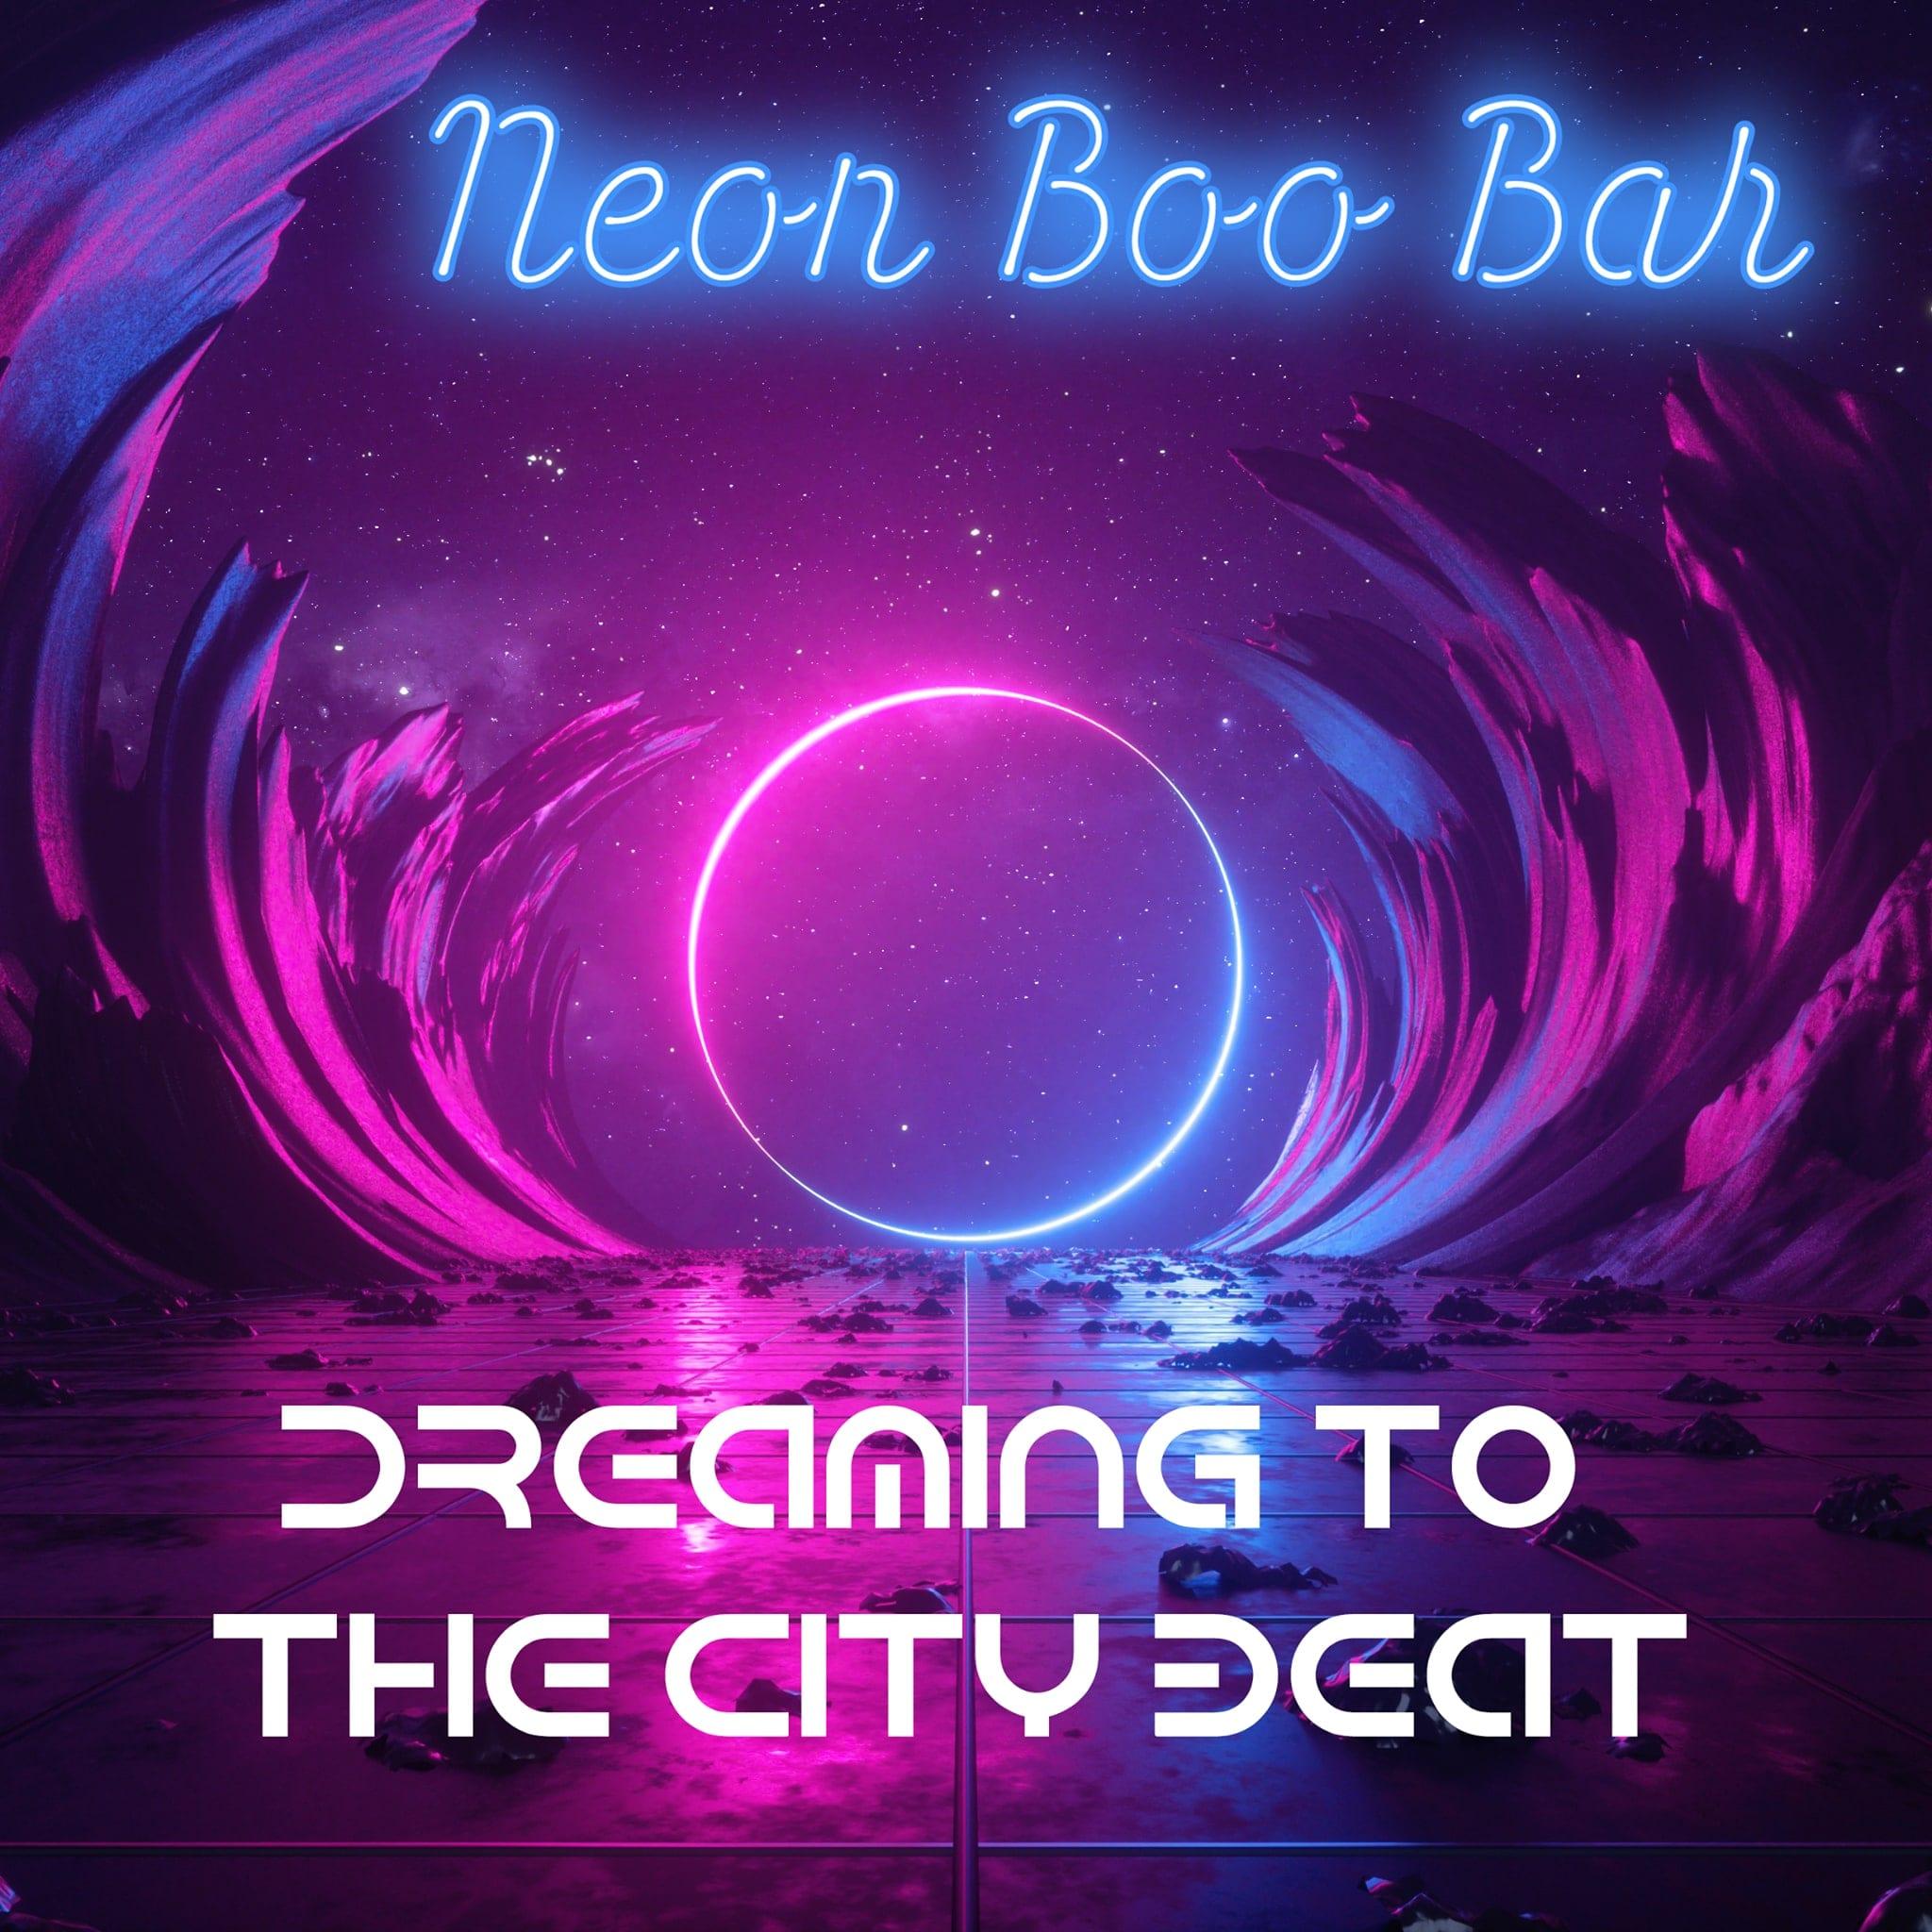 """Neon Boo Bar: """"Dreaming To The City Beat"""" als Single und Video veröffentlicht 🏙"""